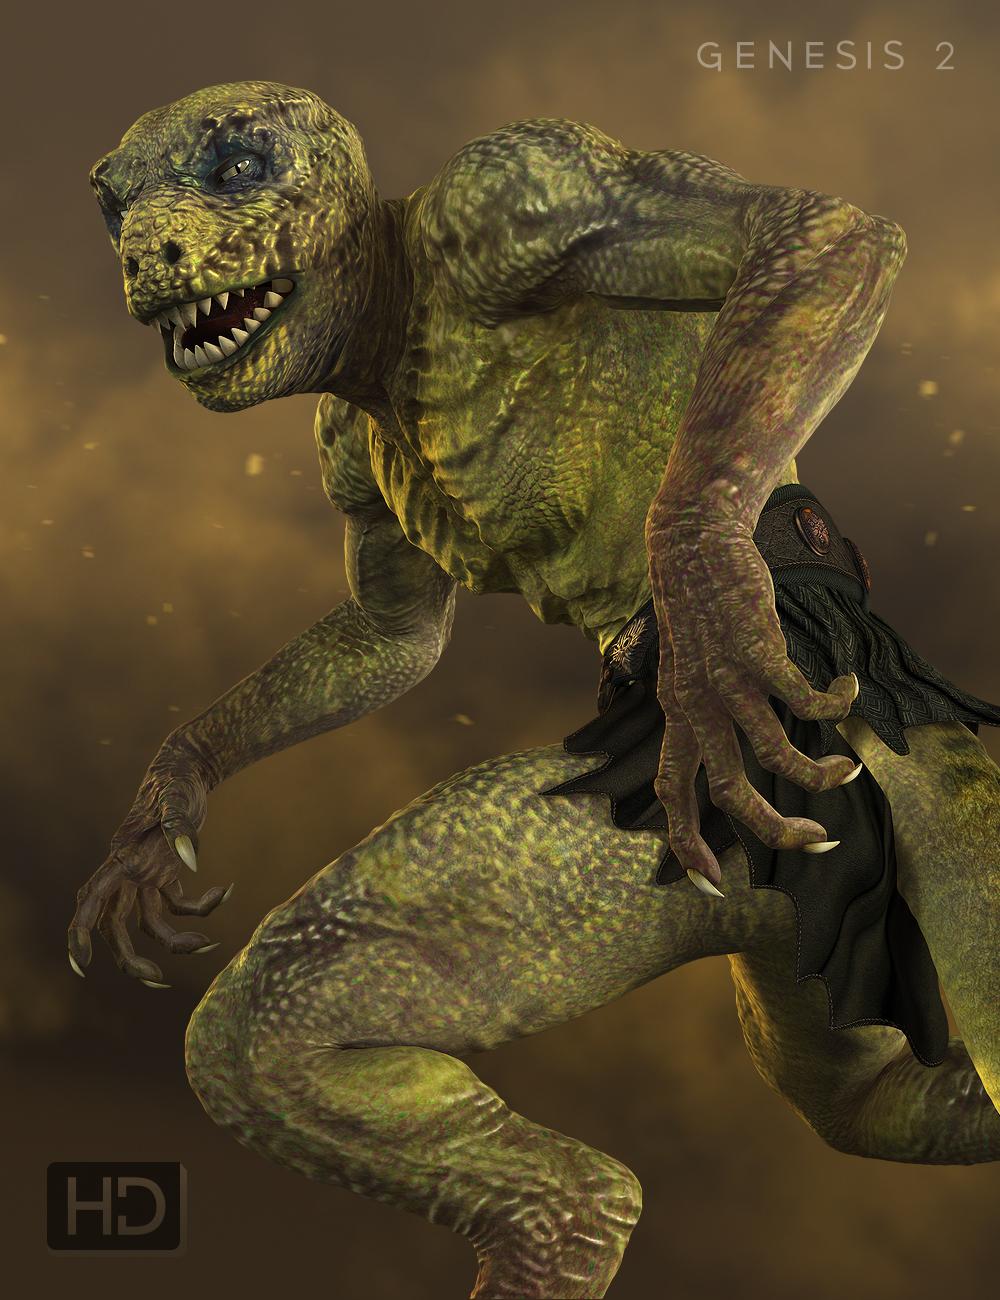 Reptilian 6 HD for Genesis 2 Male(s) by: , 3D Models by Daz 3D